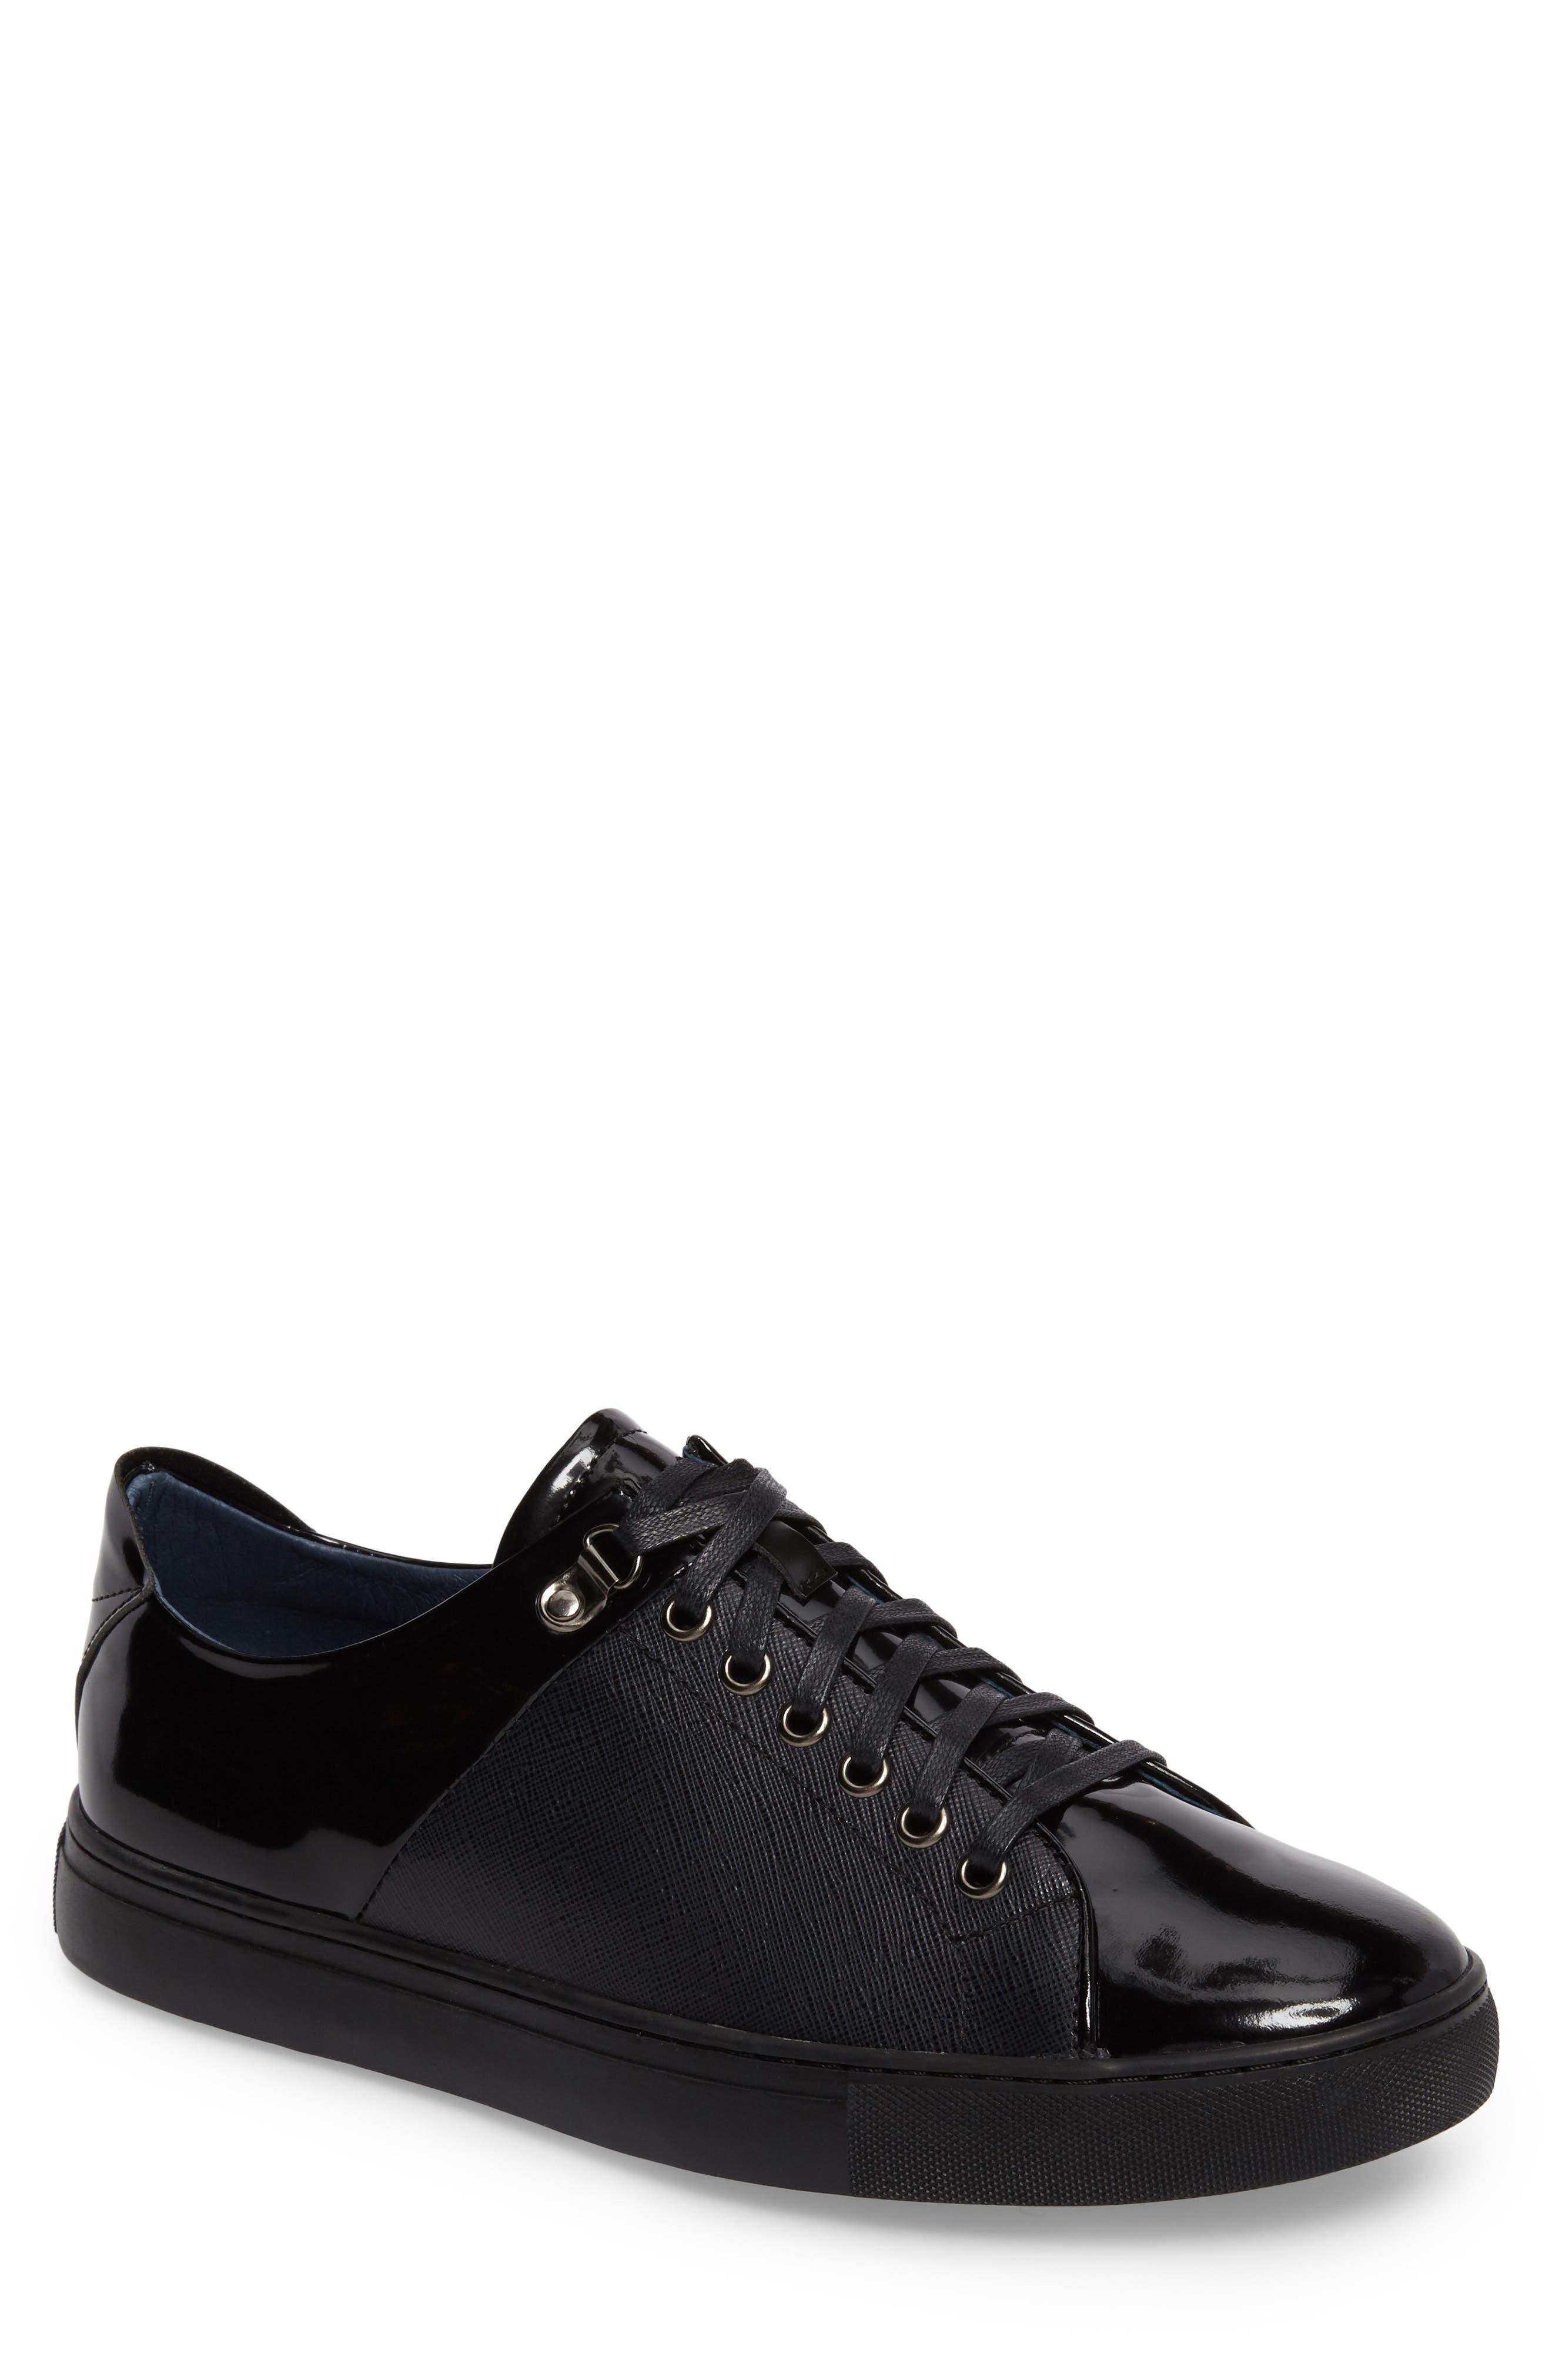 Zanzara Quidor Low Top Sneaker (Men)